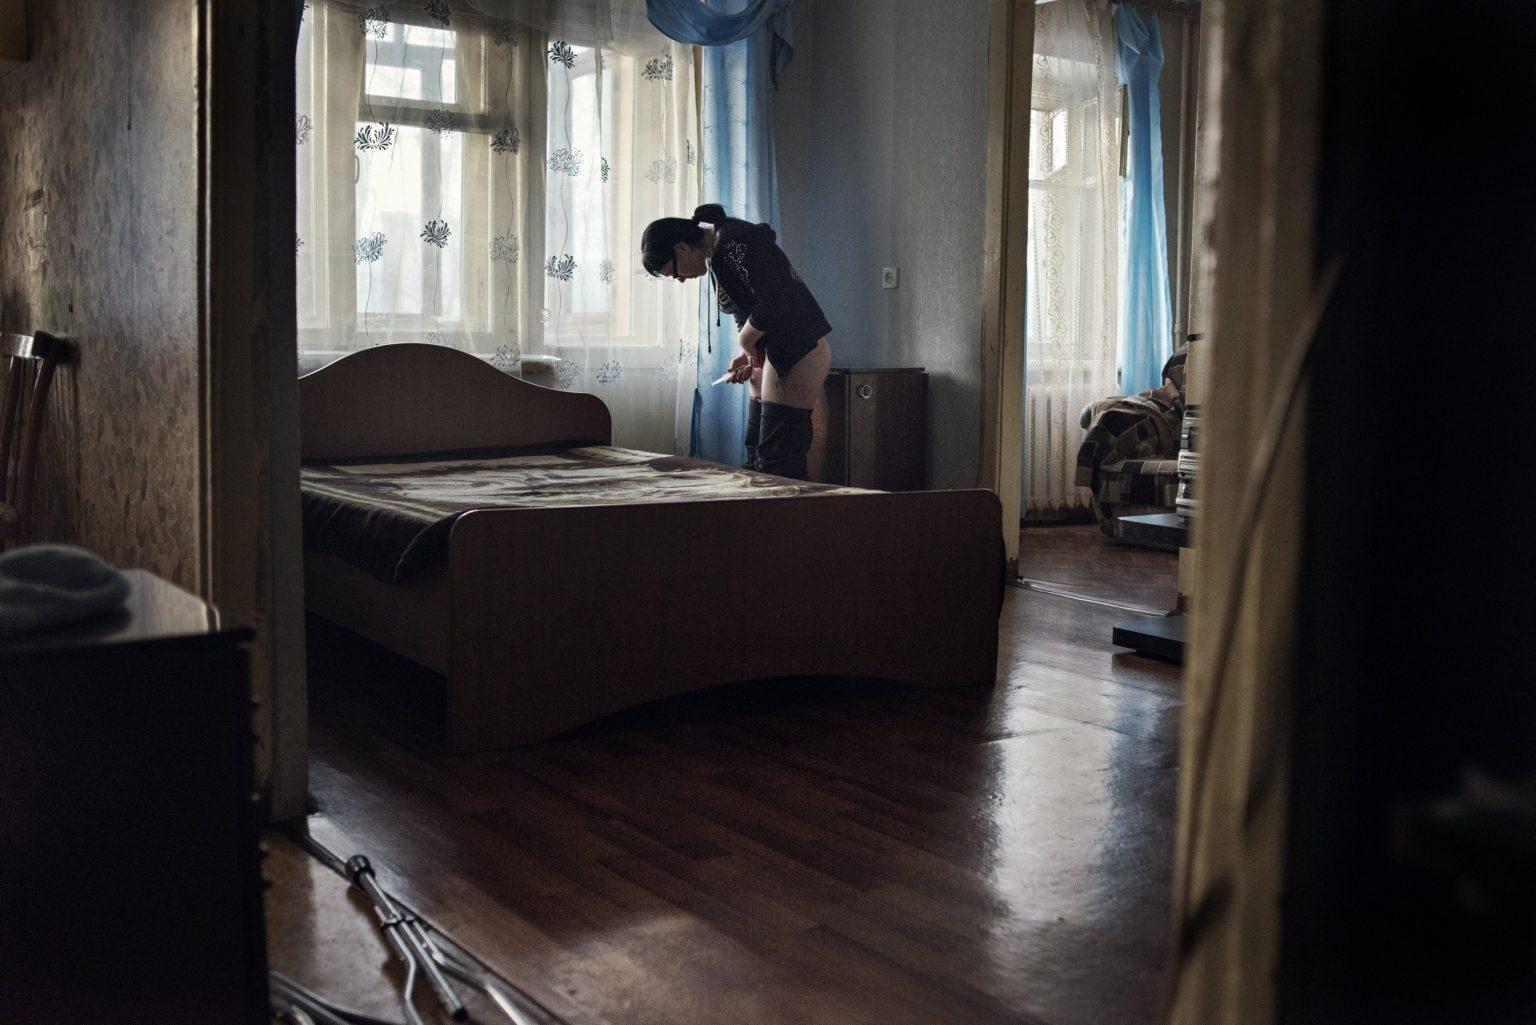 Yekaterinburg, Russia, March 2013 - Olya injects a dose of Krokodil in an apartment on the outskirts of Yekaterinburg. (She died in 2015 due to her liver failure after a long use of Krokodil). >< Yekaterinburg, Russia, marzo 2013 - Olya si inietta una dose di Krokodil in un appartamento nella periferia di Yekaterinburg. (Olya è morta nel 2015 per problemi al fegato causati da un uso prolungato di Krokodil).